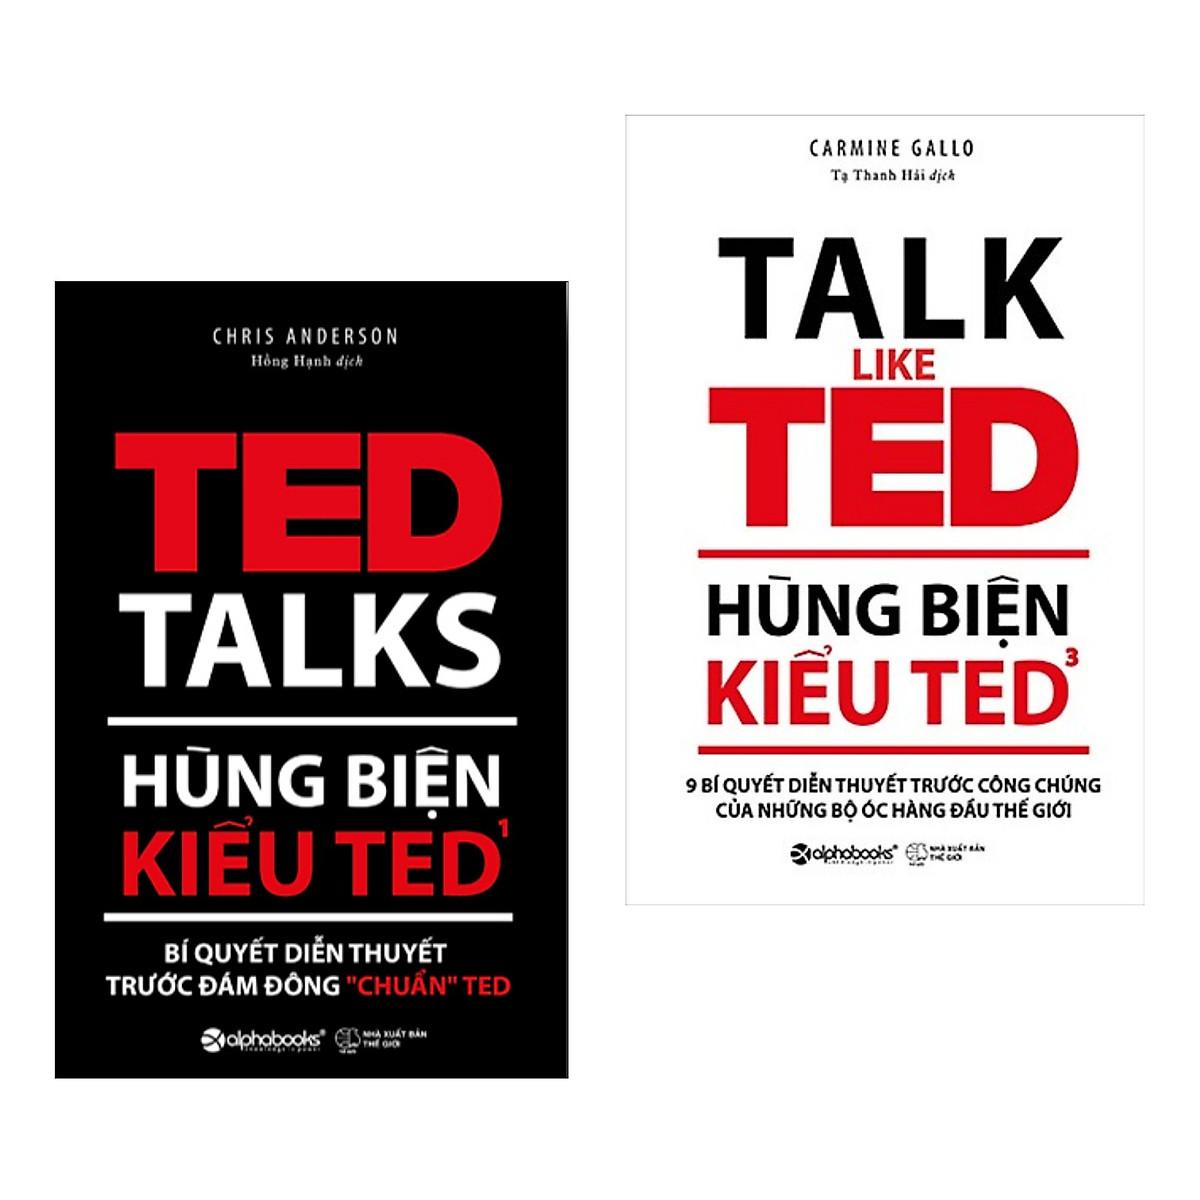 """Combo Hùng Biện Kiểu TED: TED 1 - Bí Quyết Diễn Thuyết Trước Đám Đông  """"Chuẩn"""" TED + TED 3 – 9 Bí Quyết Diễn Thuyết Trước Công Chúng Của Những Bộ"""